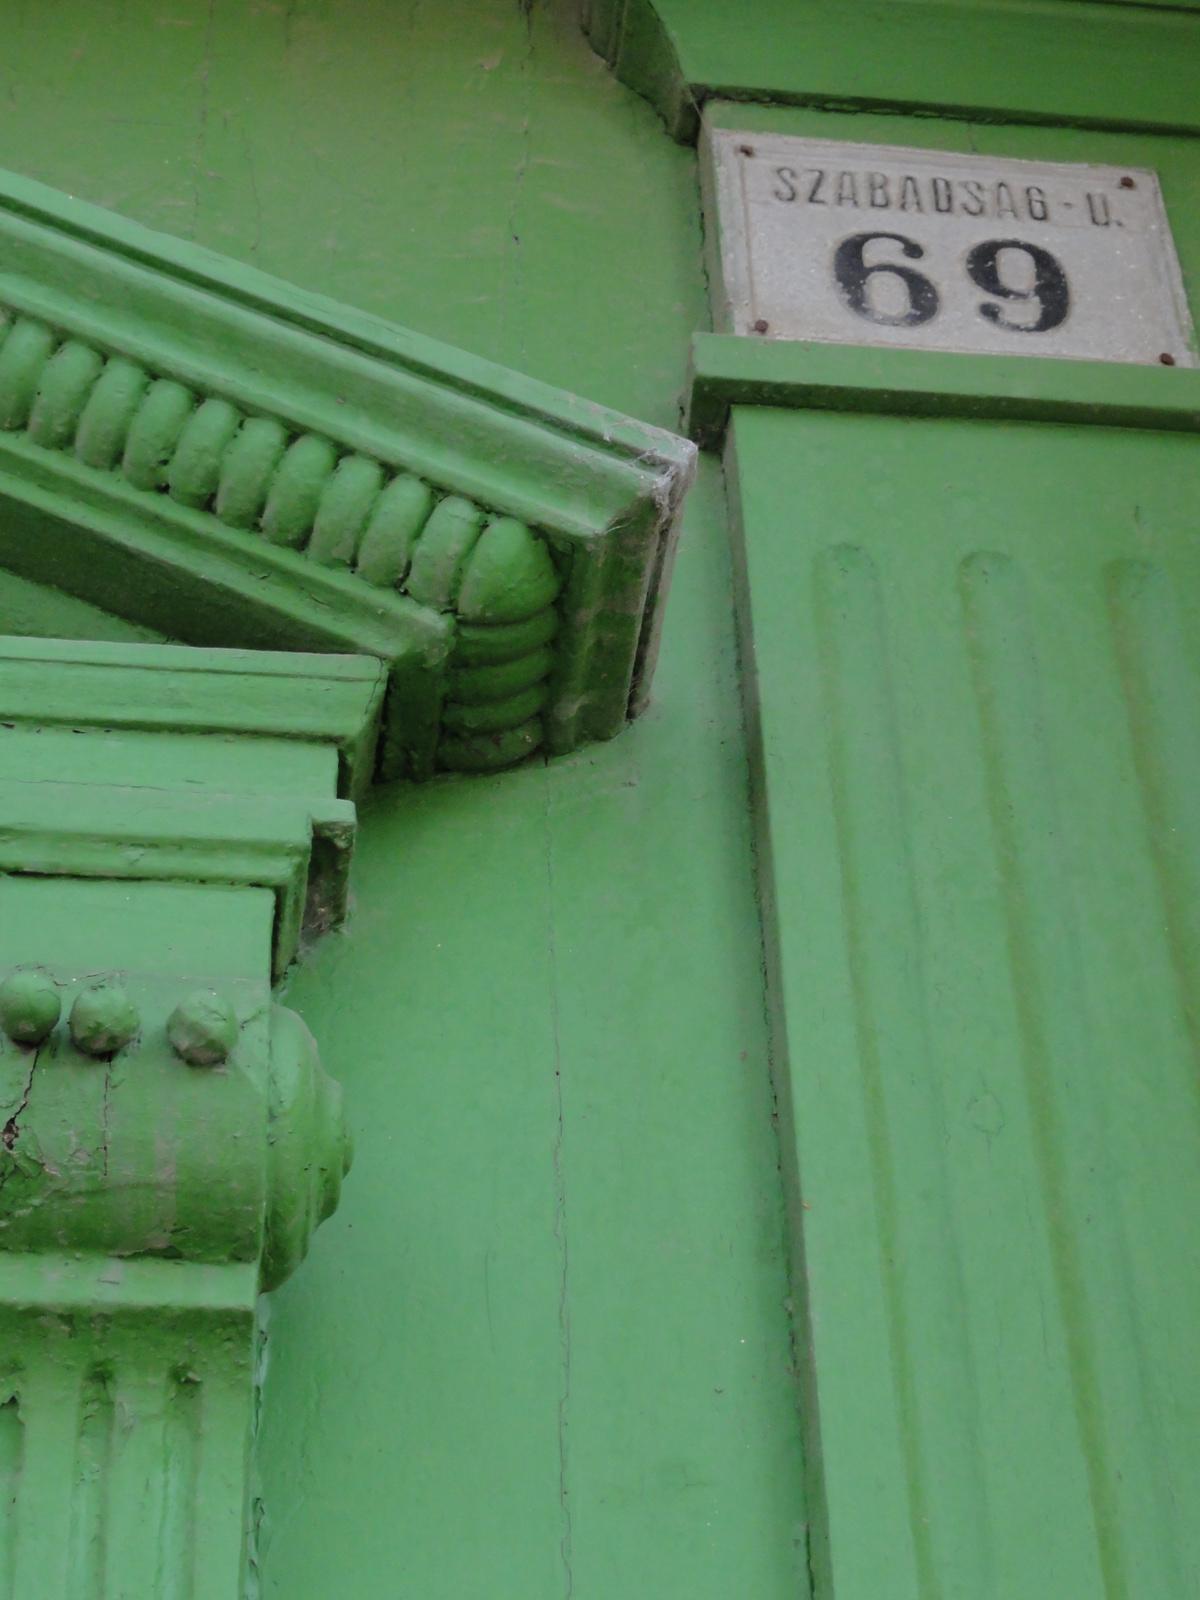 2012.08.11. Budaörsi képek 060